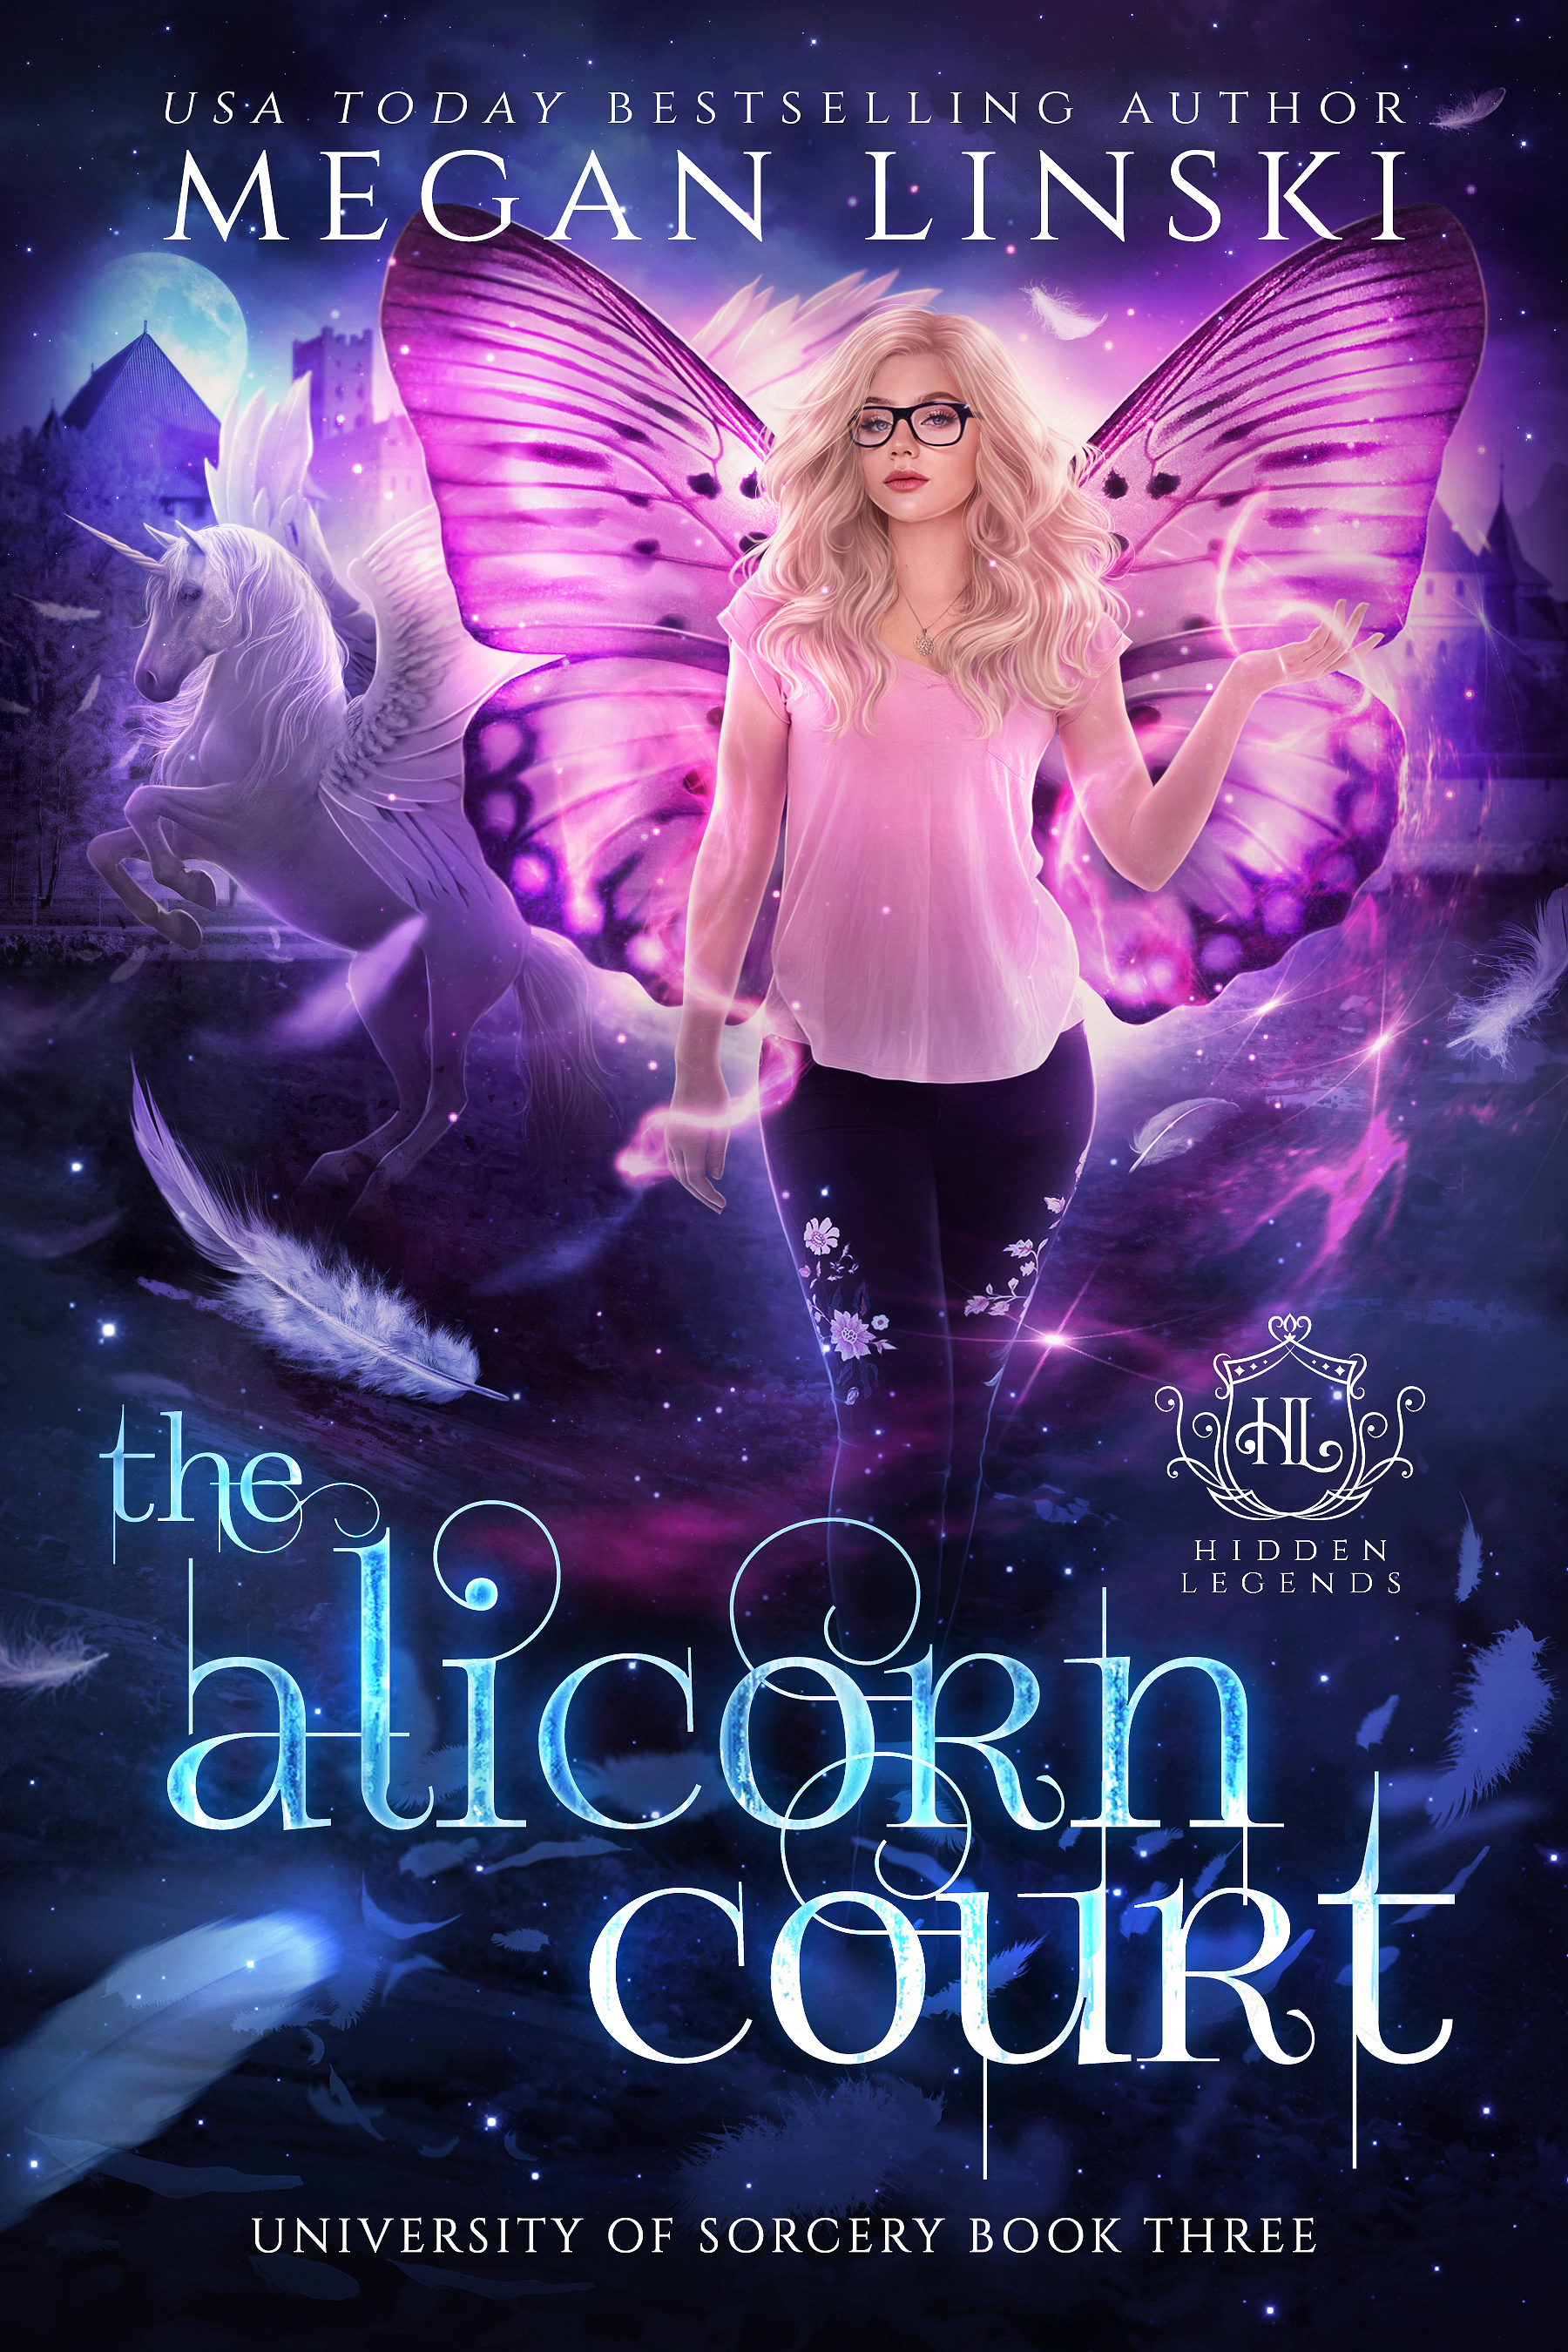 The Alicorn Court